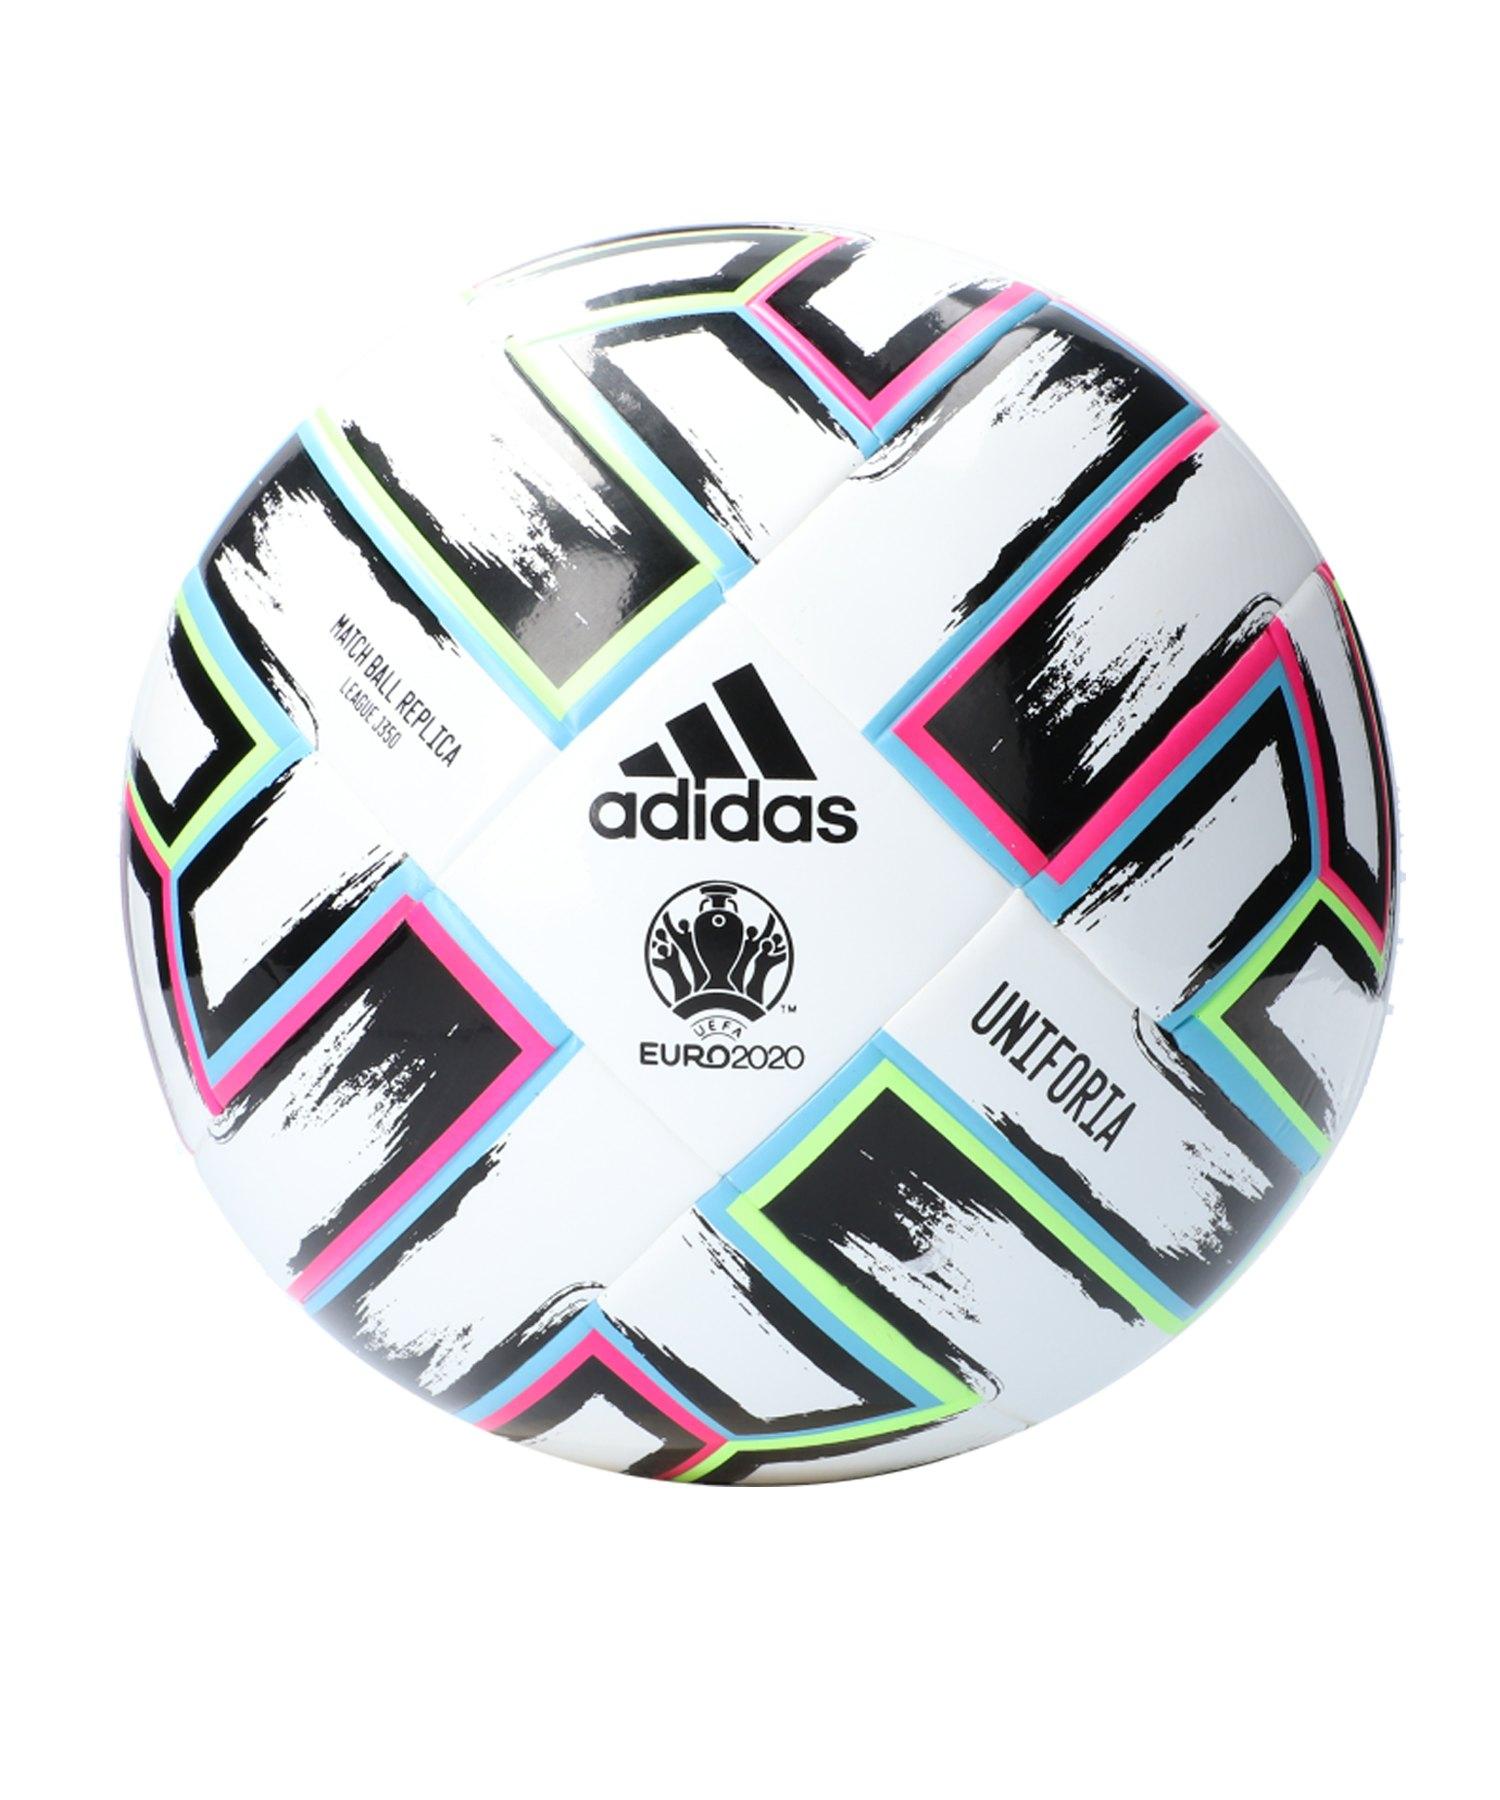 adidas LGE Uniforia 350 Gramm Fussball Weiss - weiss